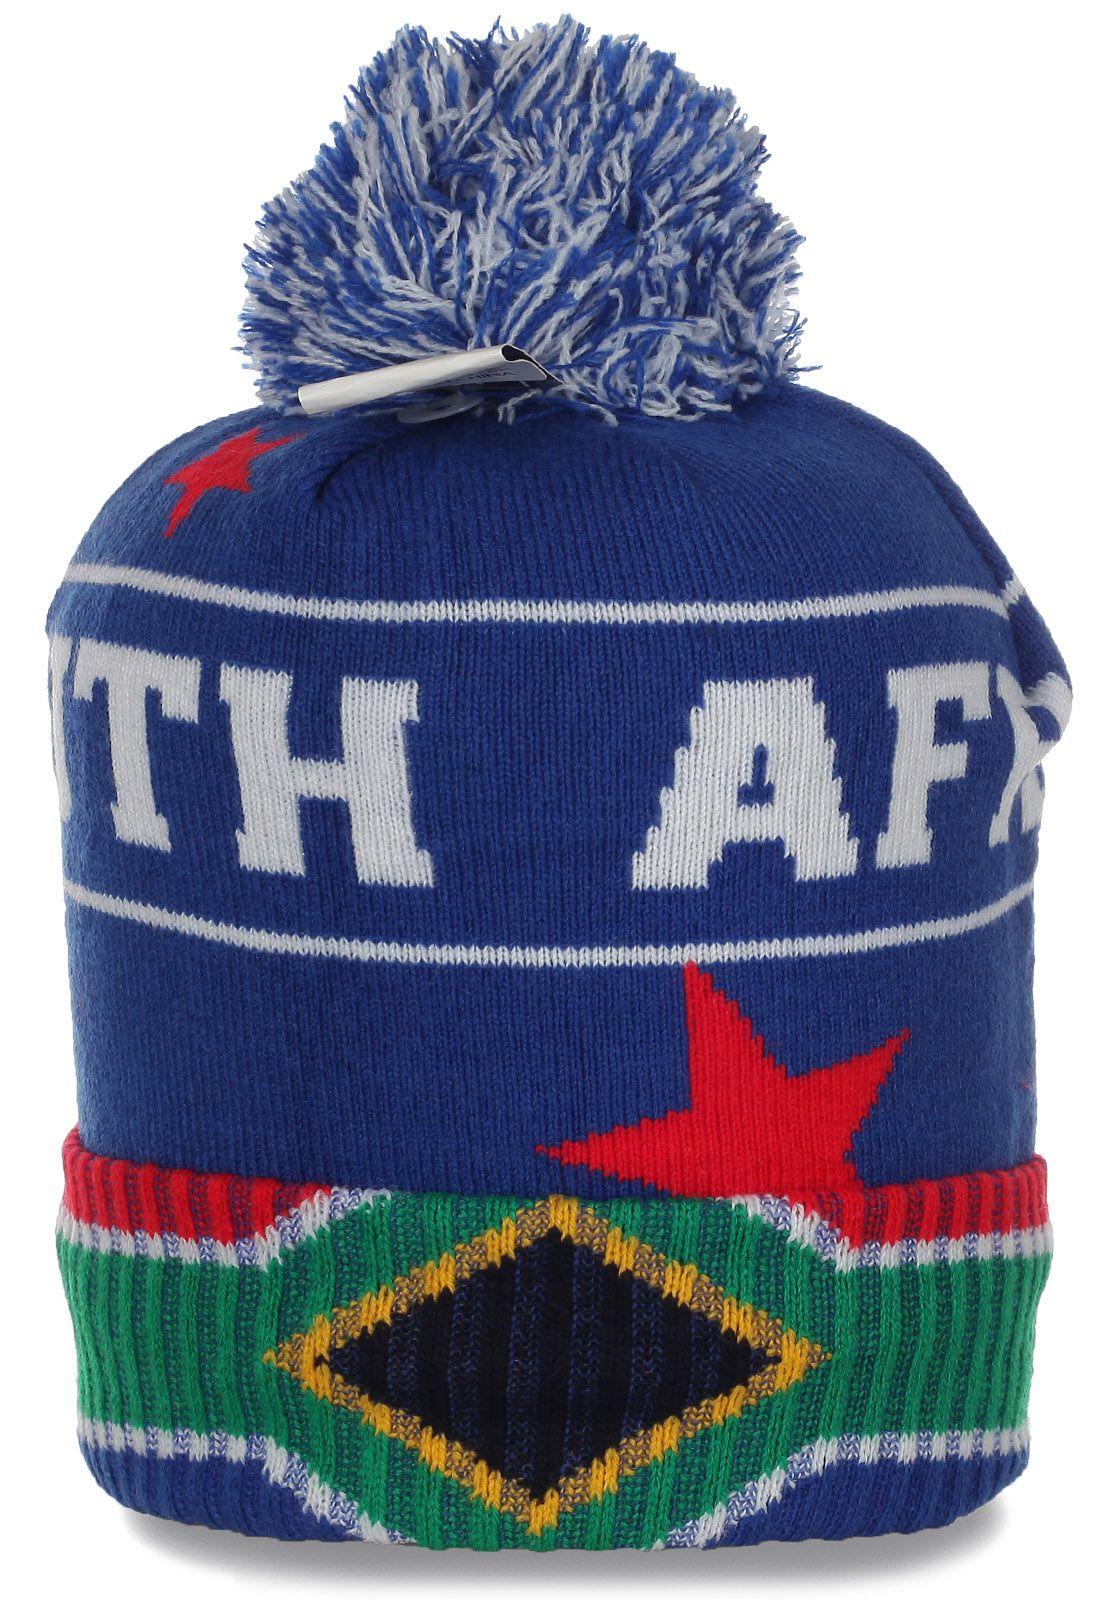 Топовая спортивная шапочка на флисе Republic of South Africa